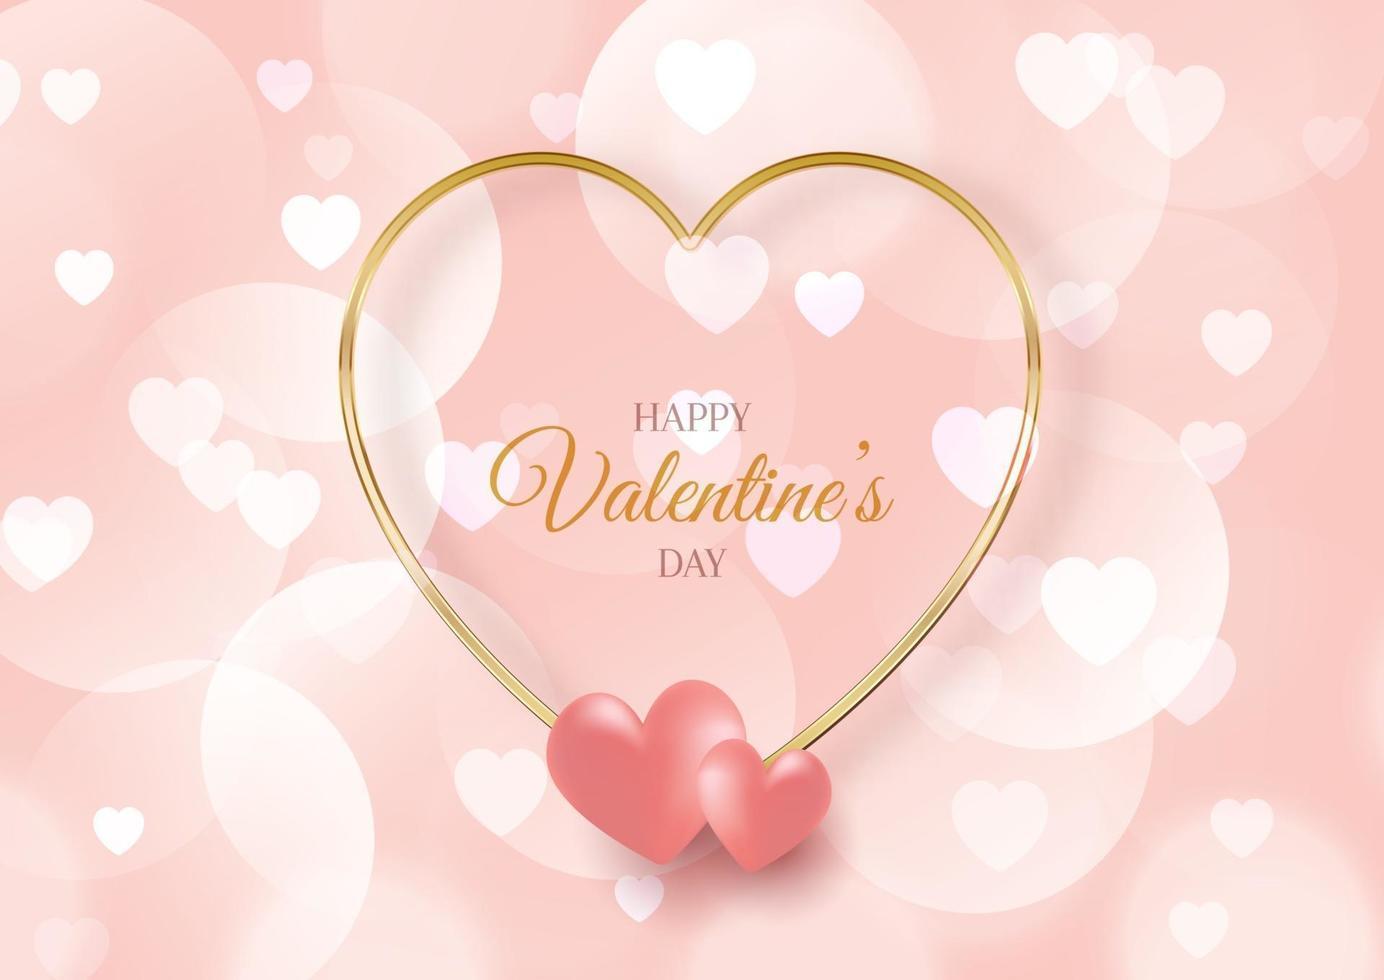 Fondo del día de San Valentín con corazones y luces bokeh vector